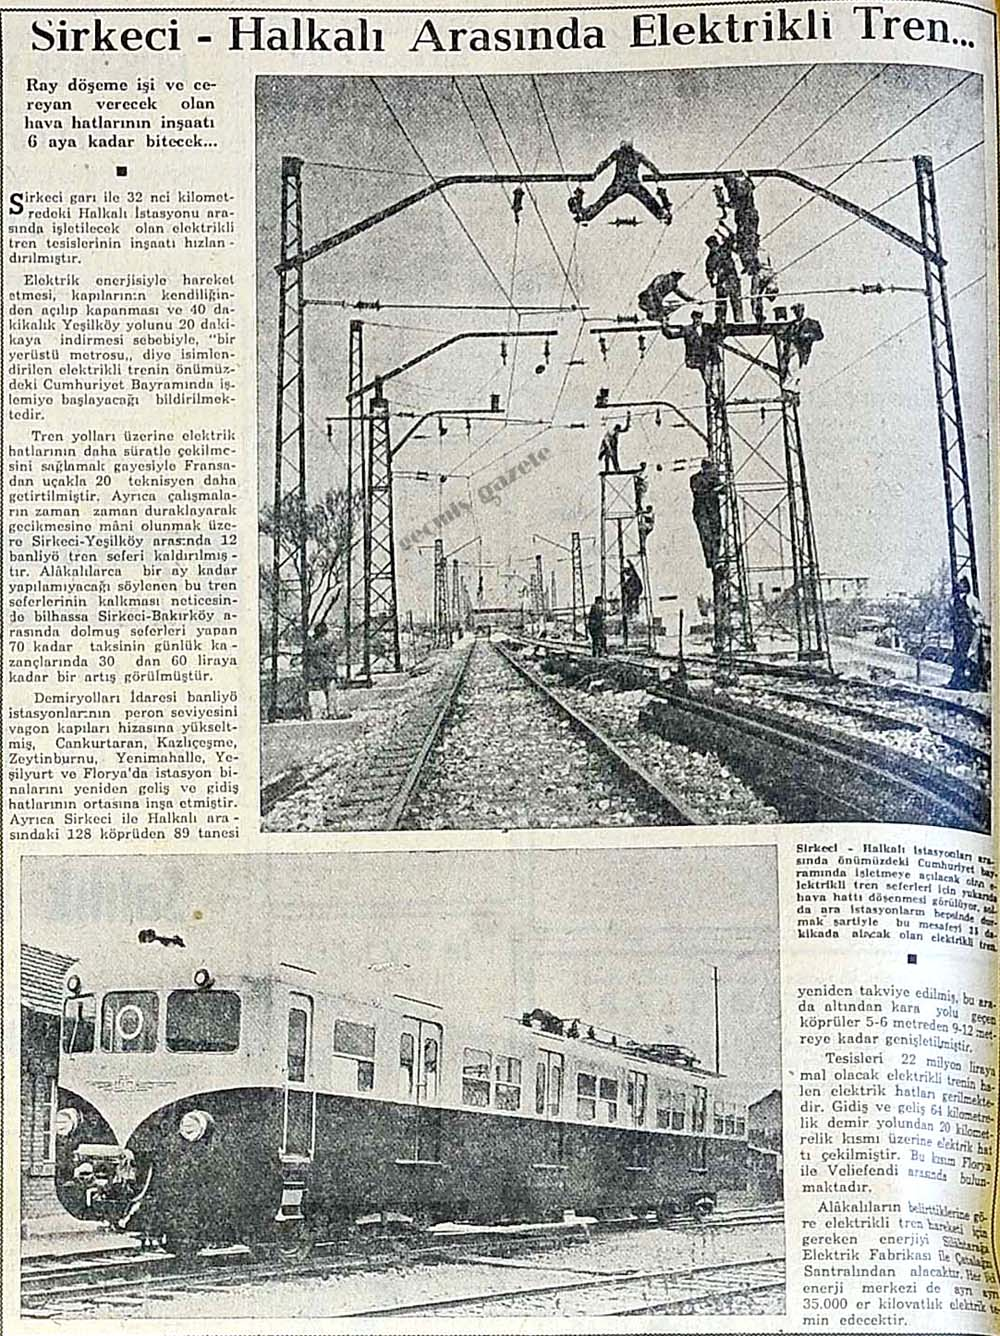 Sirkeci-Halkalı Arasında Elektrikli Tren